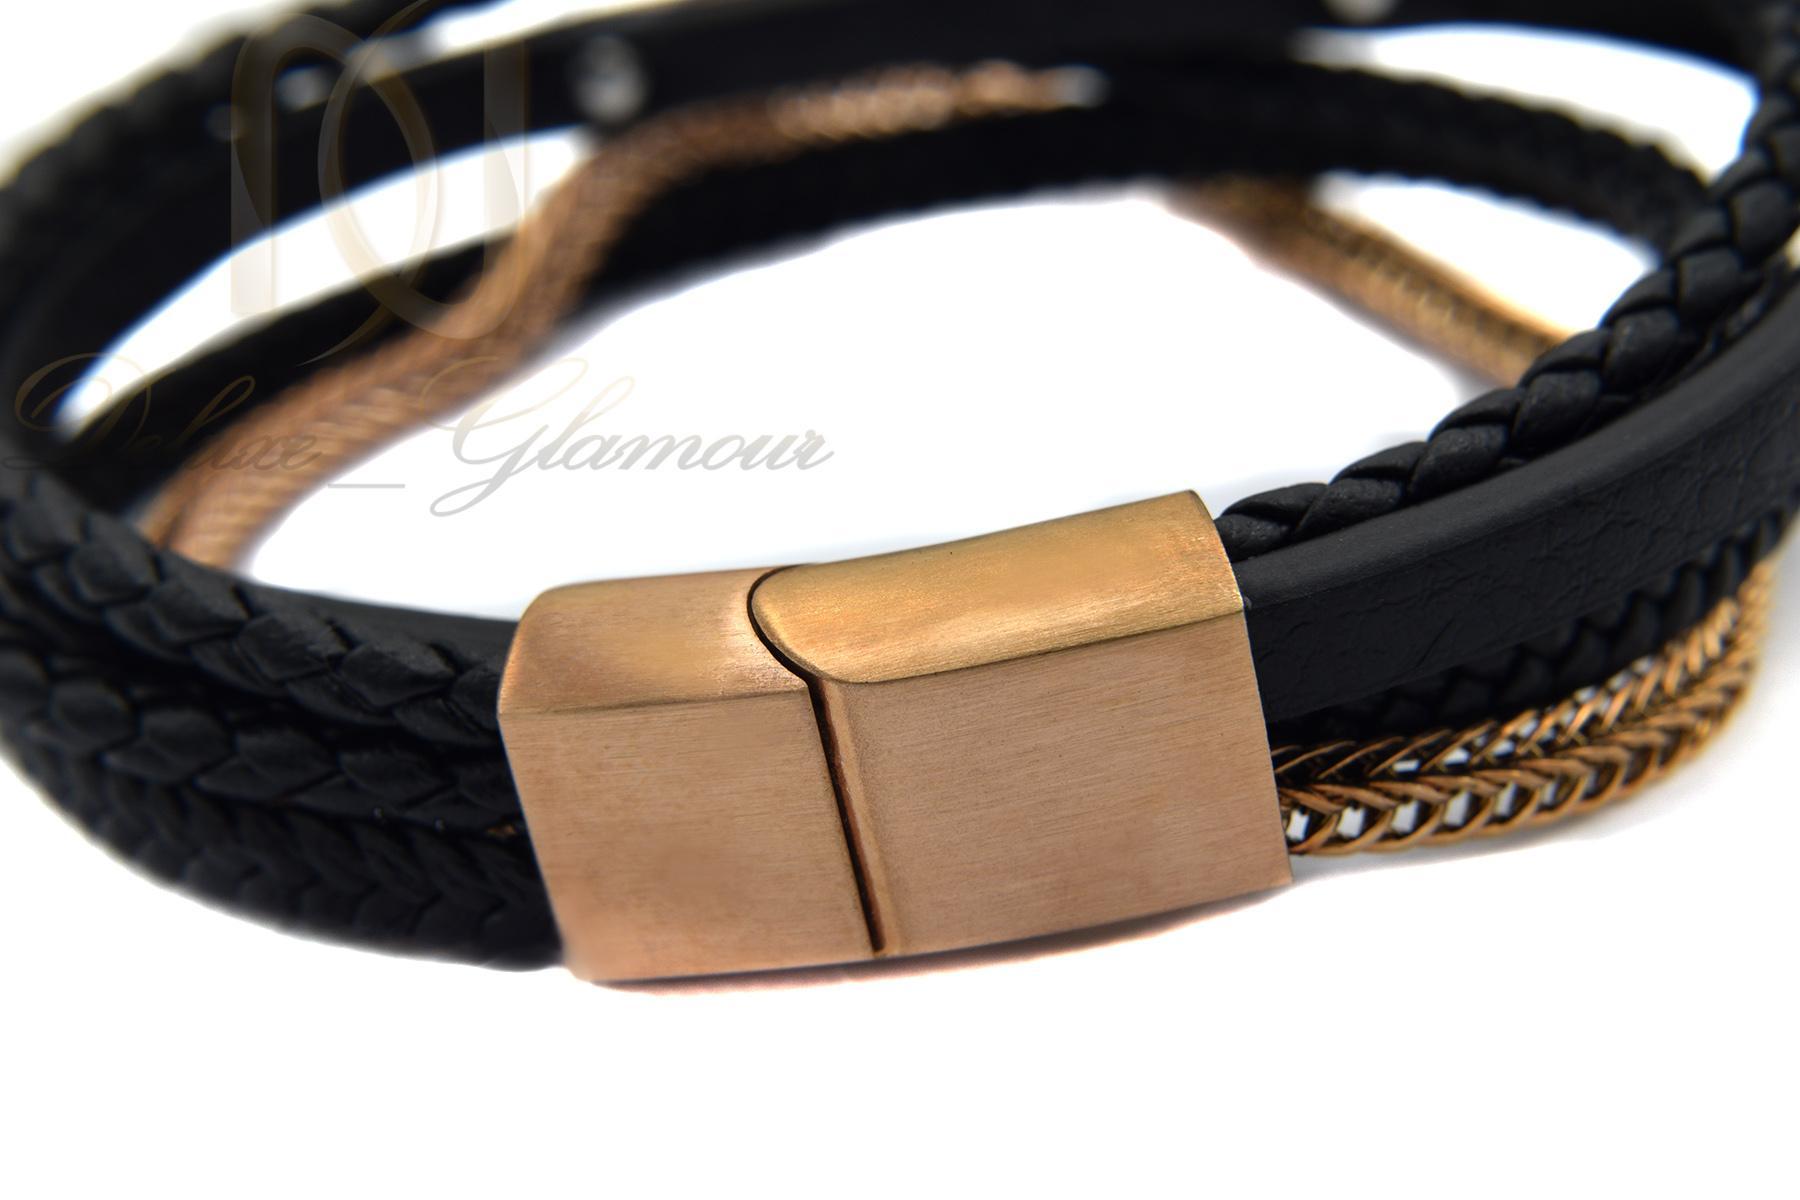 دستبند پسرانه چرمی طرح کارتیه ds-n358 از نمای پشت